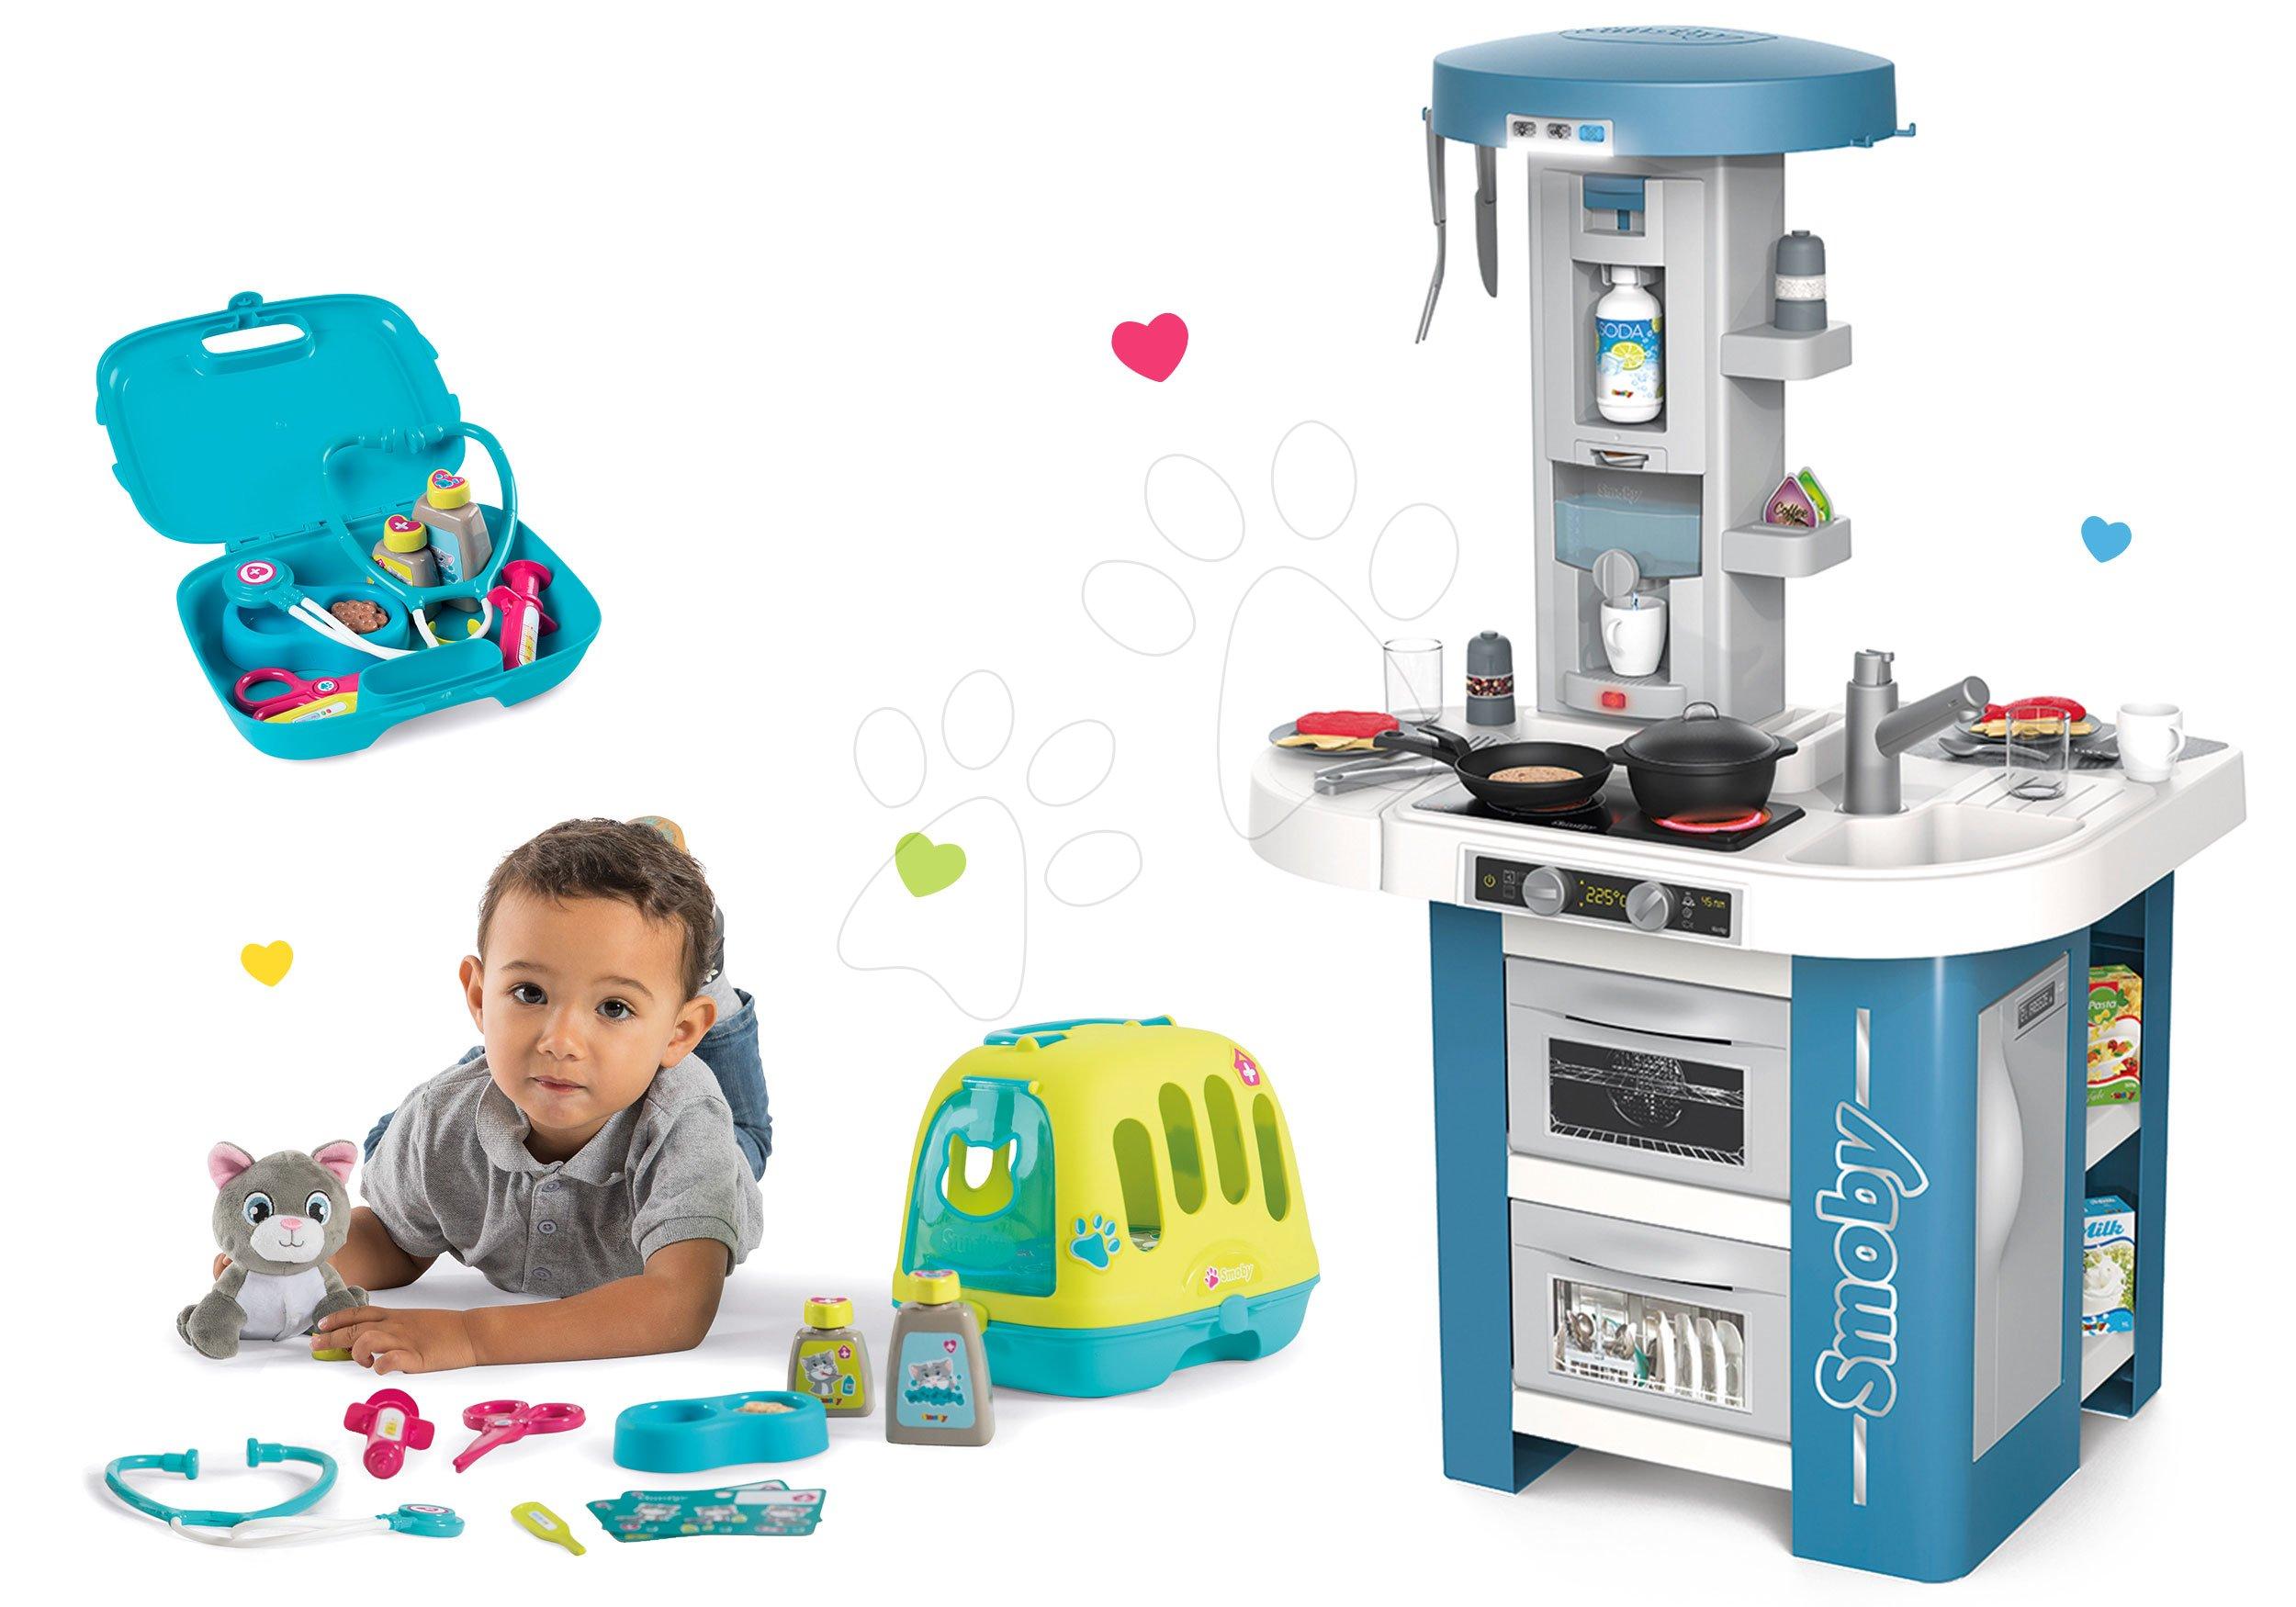 Set kuchyňka s technickým vybavením Tech Edition Smoby elektronická a veterinární kufřík s kočičkou se 4 zvuky a 10 doplňků